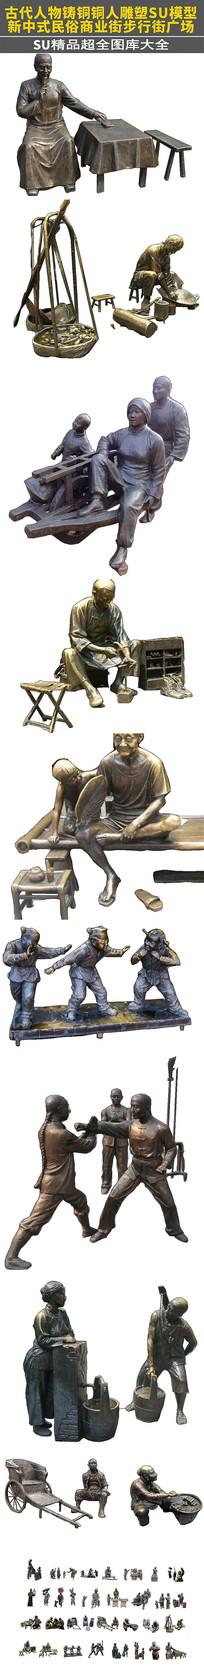 新中式广场商业街古代人物铸铜铜人雕塑